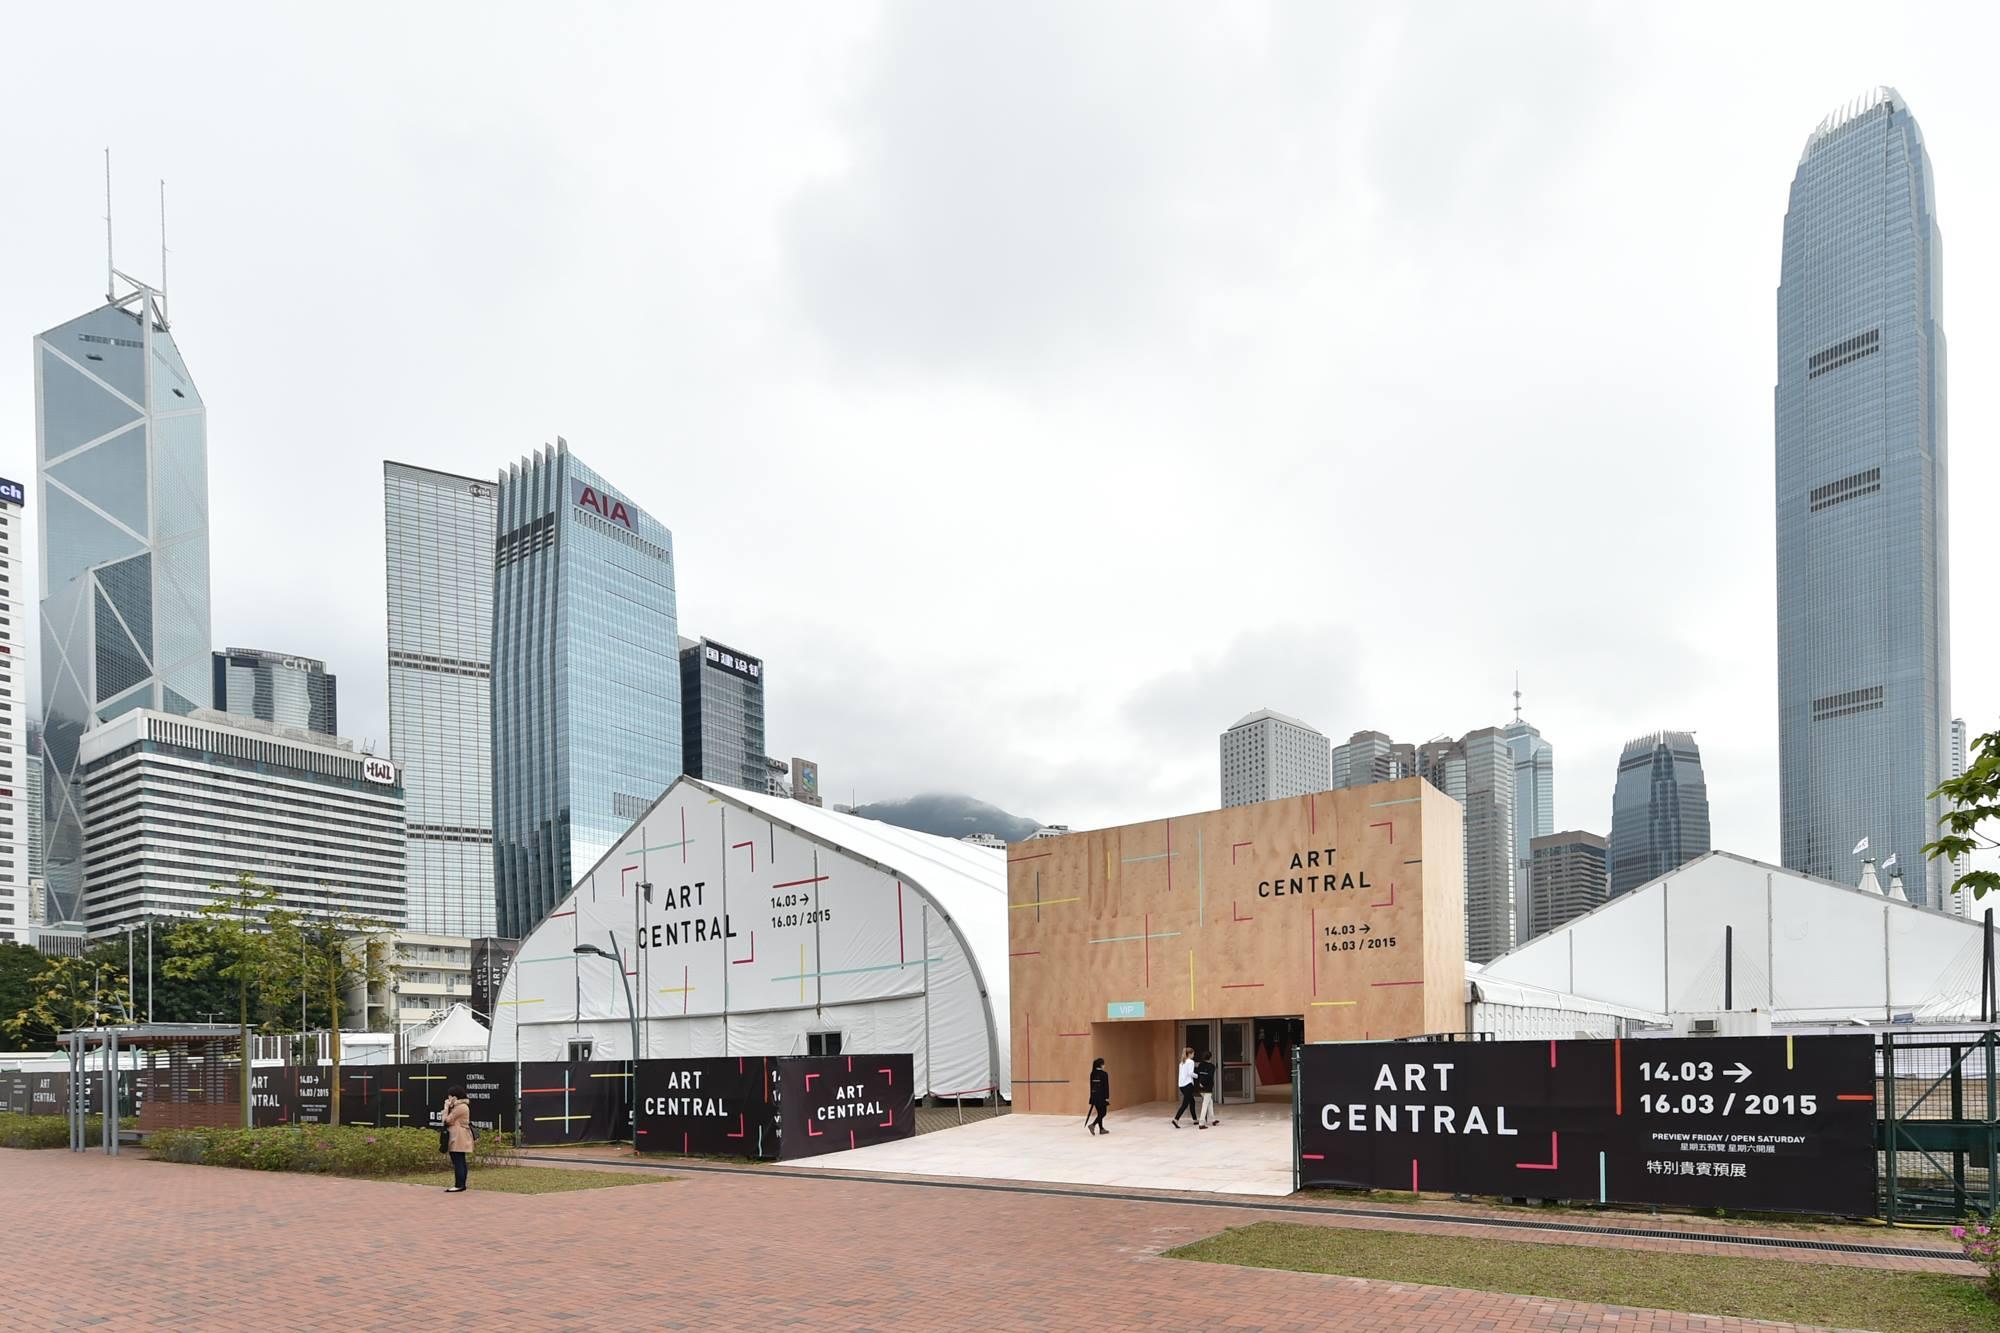 藝壇一大盛事Art Central今年繼續在中環海濱舉行,展出多間知名藝廊及多個新晉藝術家的當代藝術作品。(Facebook圖片)